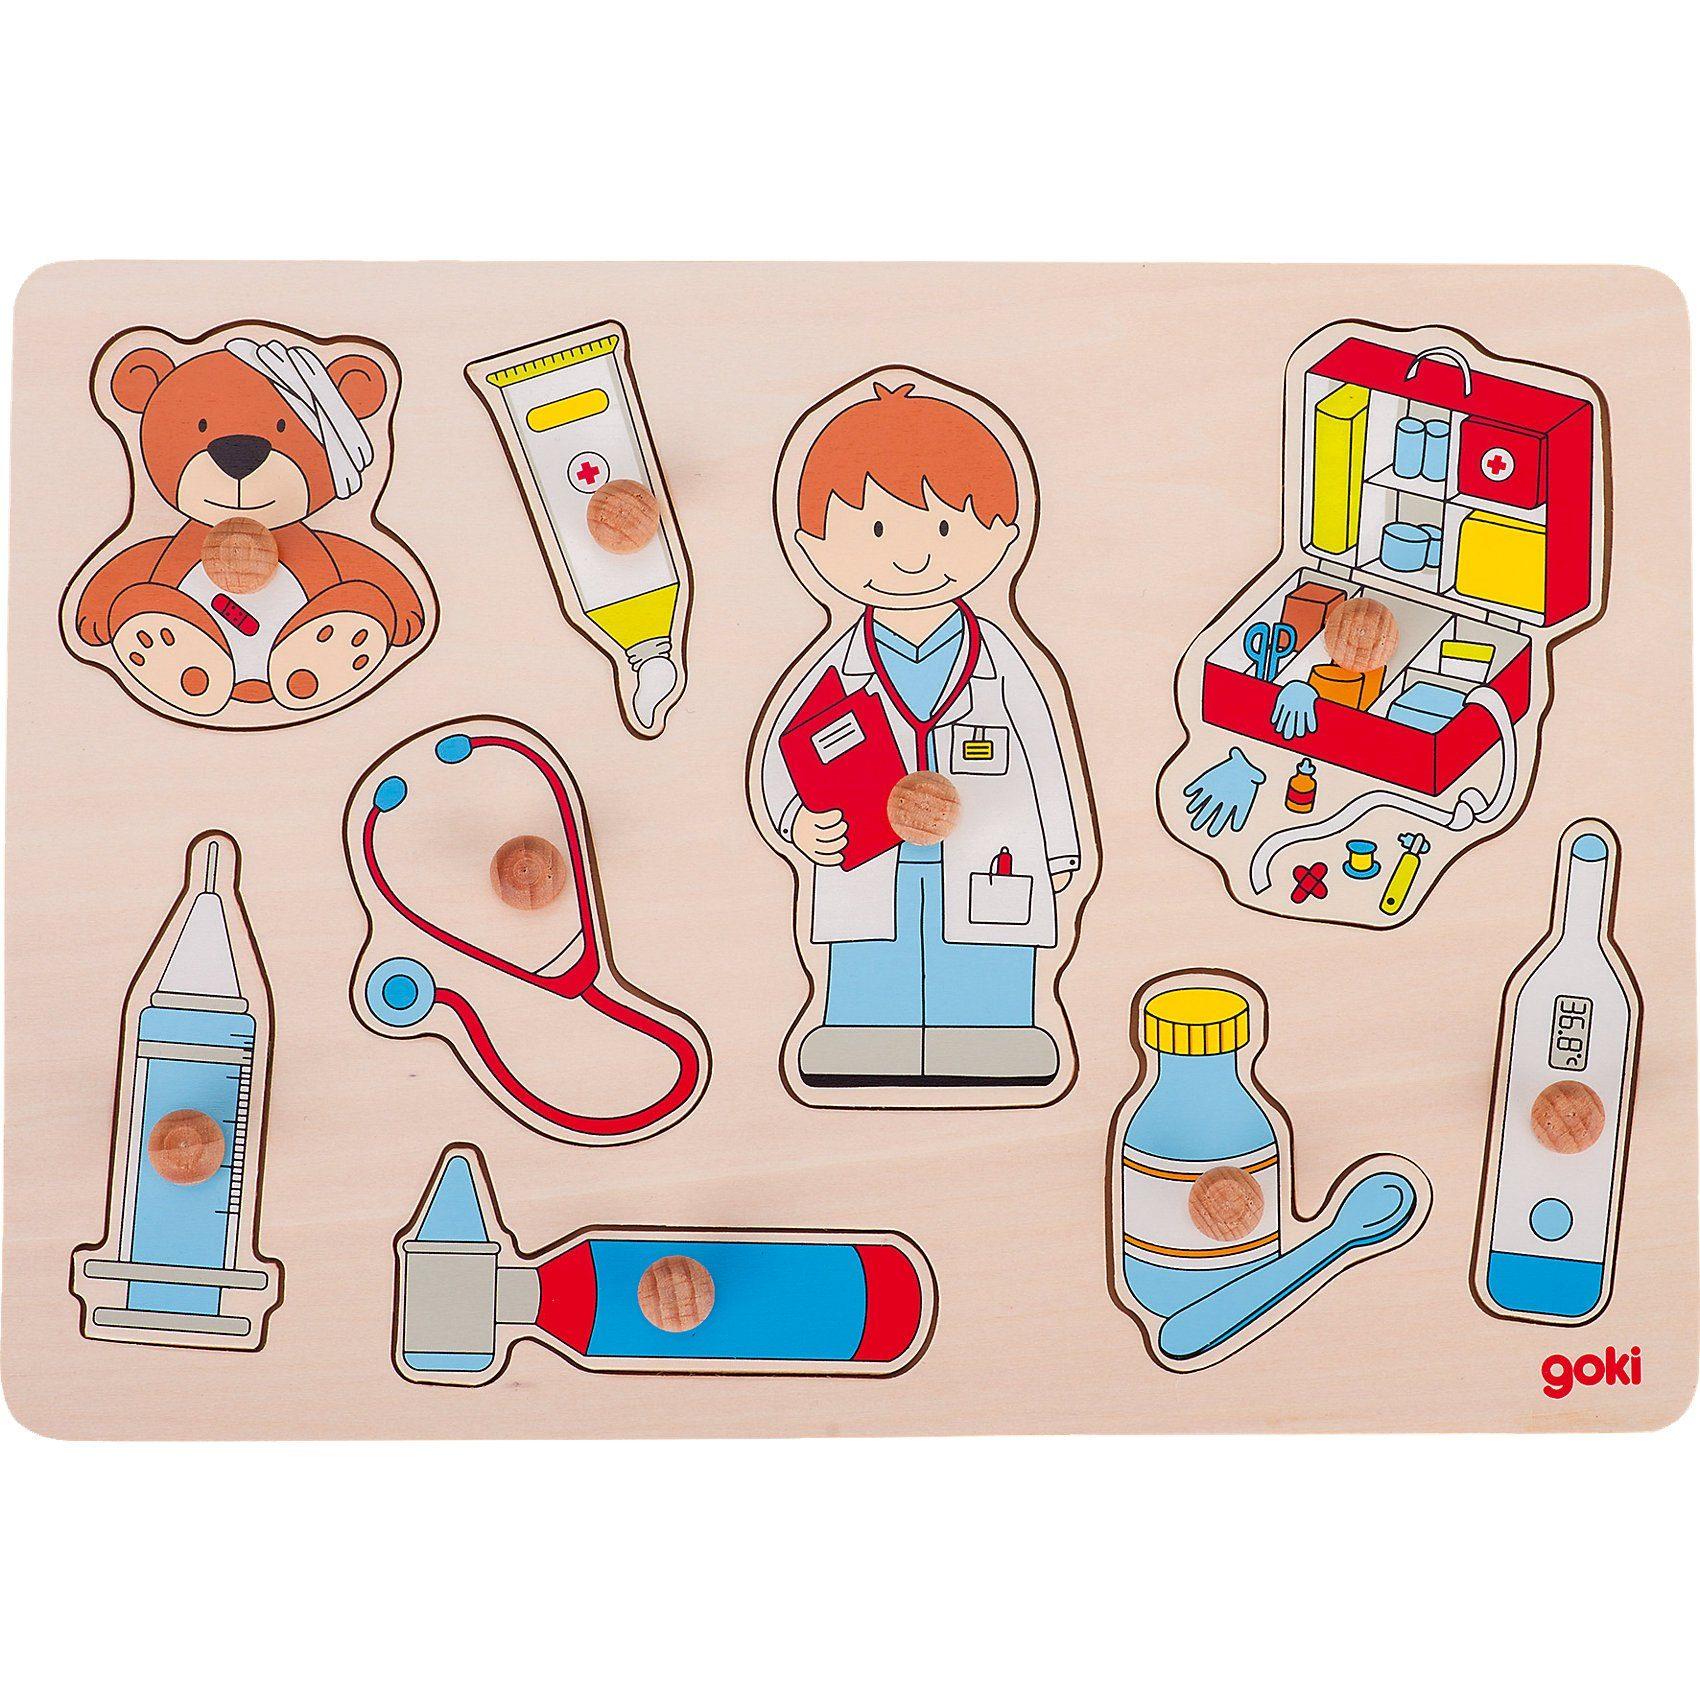 goki Steckpuzzle Besuch beim Arzt